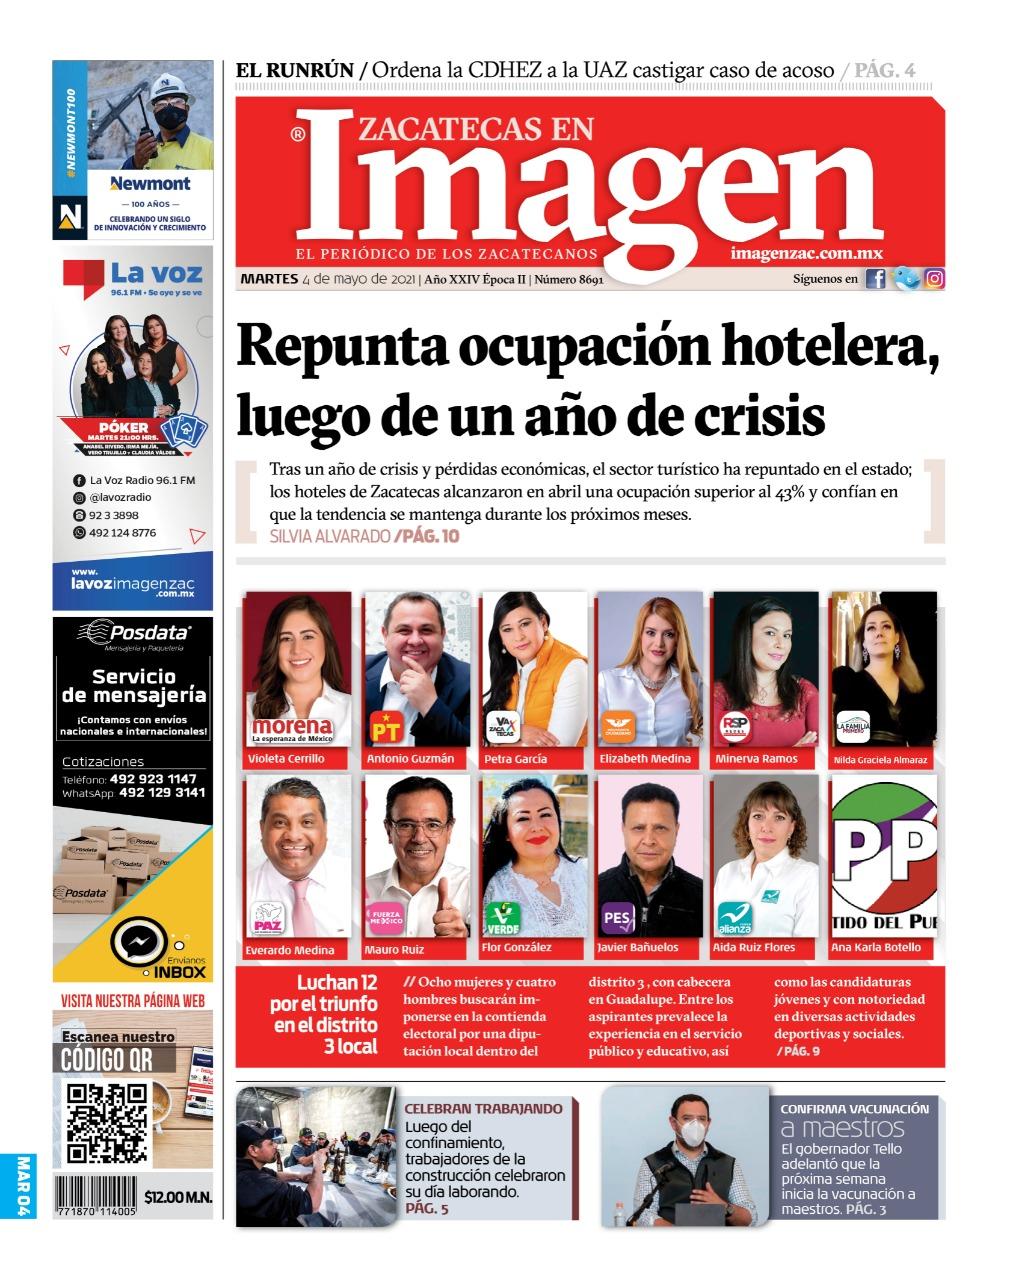 Imagen Zacatecas edición del 04 de mayo del 2021